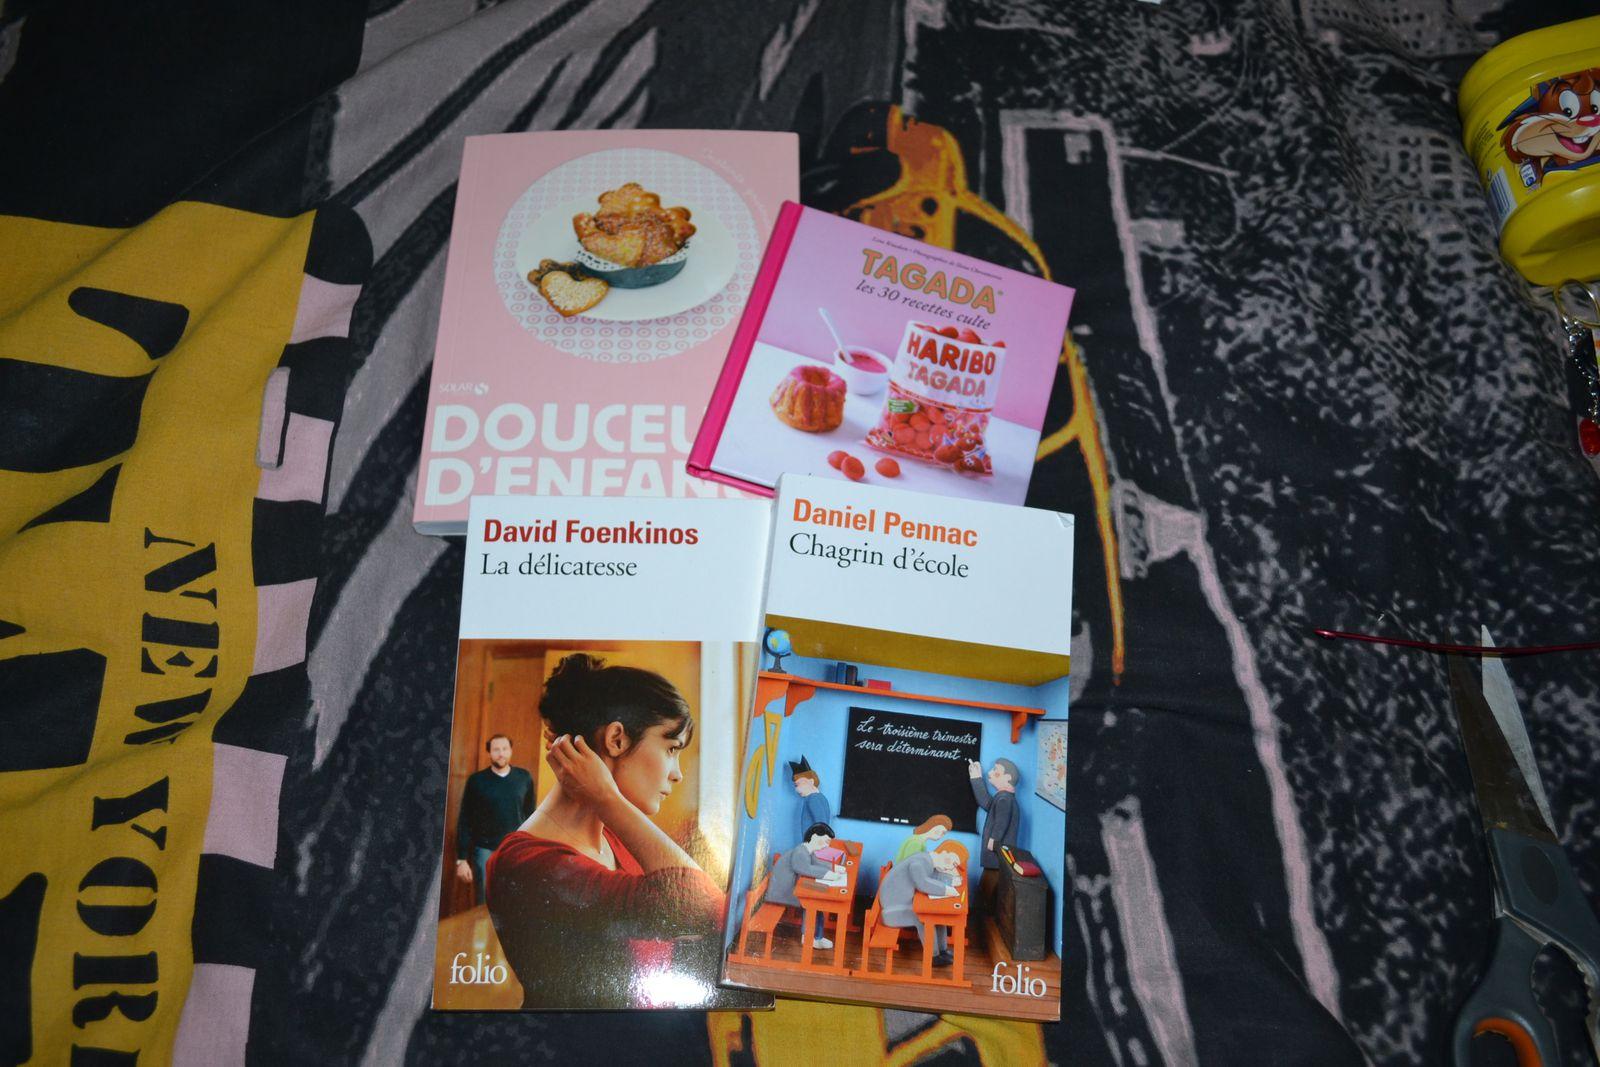 """Le livre """" la delicatesse"""" qui etait dans ma whish (et que j'ai lu tres vite),""""chagrin d'école"""" que je ne connais pas mais qu'il me tarde de lire, et 2 livres de recettes.....je suis super contente je cuisine beaucoup et j'adore les livres de cuisine. Celui à base de tagada est tres original et je testerai pour un des gouters d'anniversaire d'un de mes enfants...effets garantis je pense"""